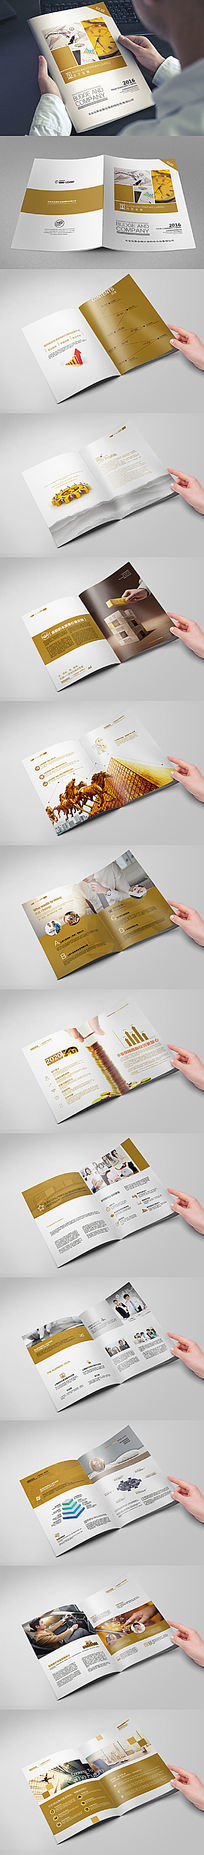 大气金融理财平台画册版式设计